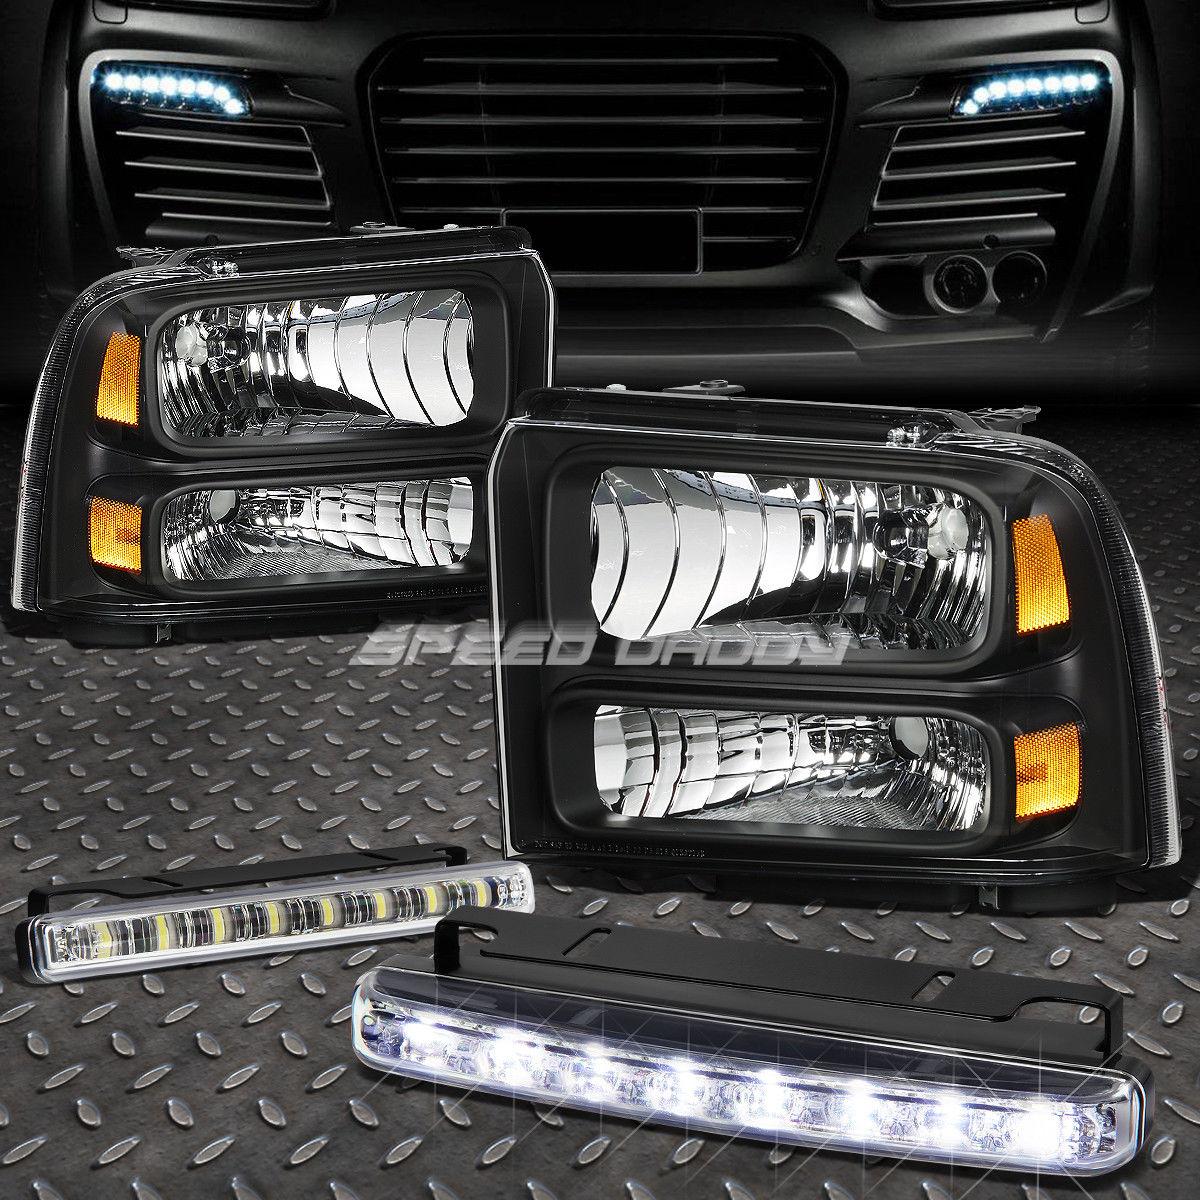 フォグライト BLACK HOUSING HEADLIGHT AMBER CORNER+8 LED GRILL FOG LIGHT FOR 05-07 SUPERDUTY ブラックハウジングヘッドライトアンバーコーナー+05-07スーパーライトのための8 LEDグリルフォグライト